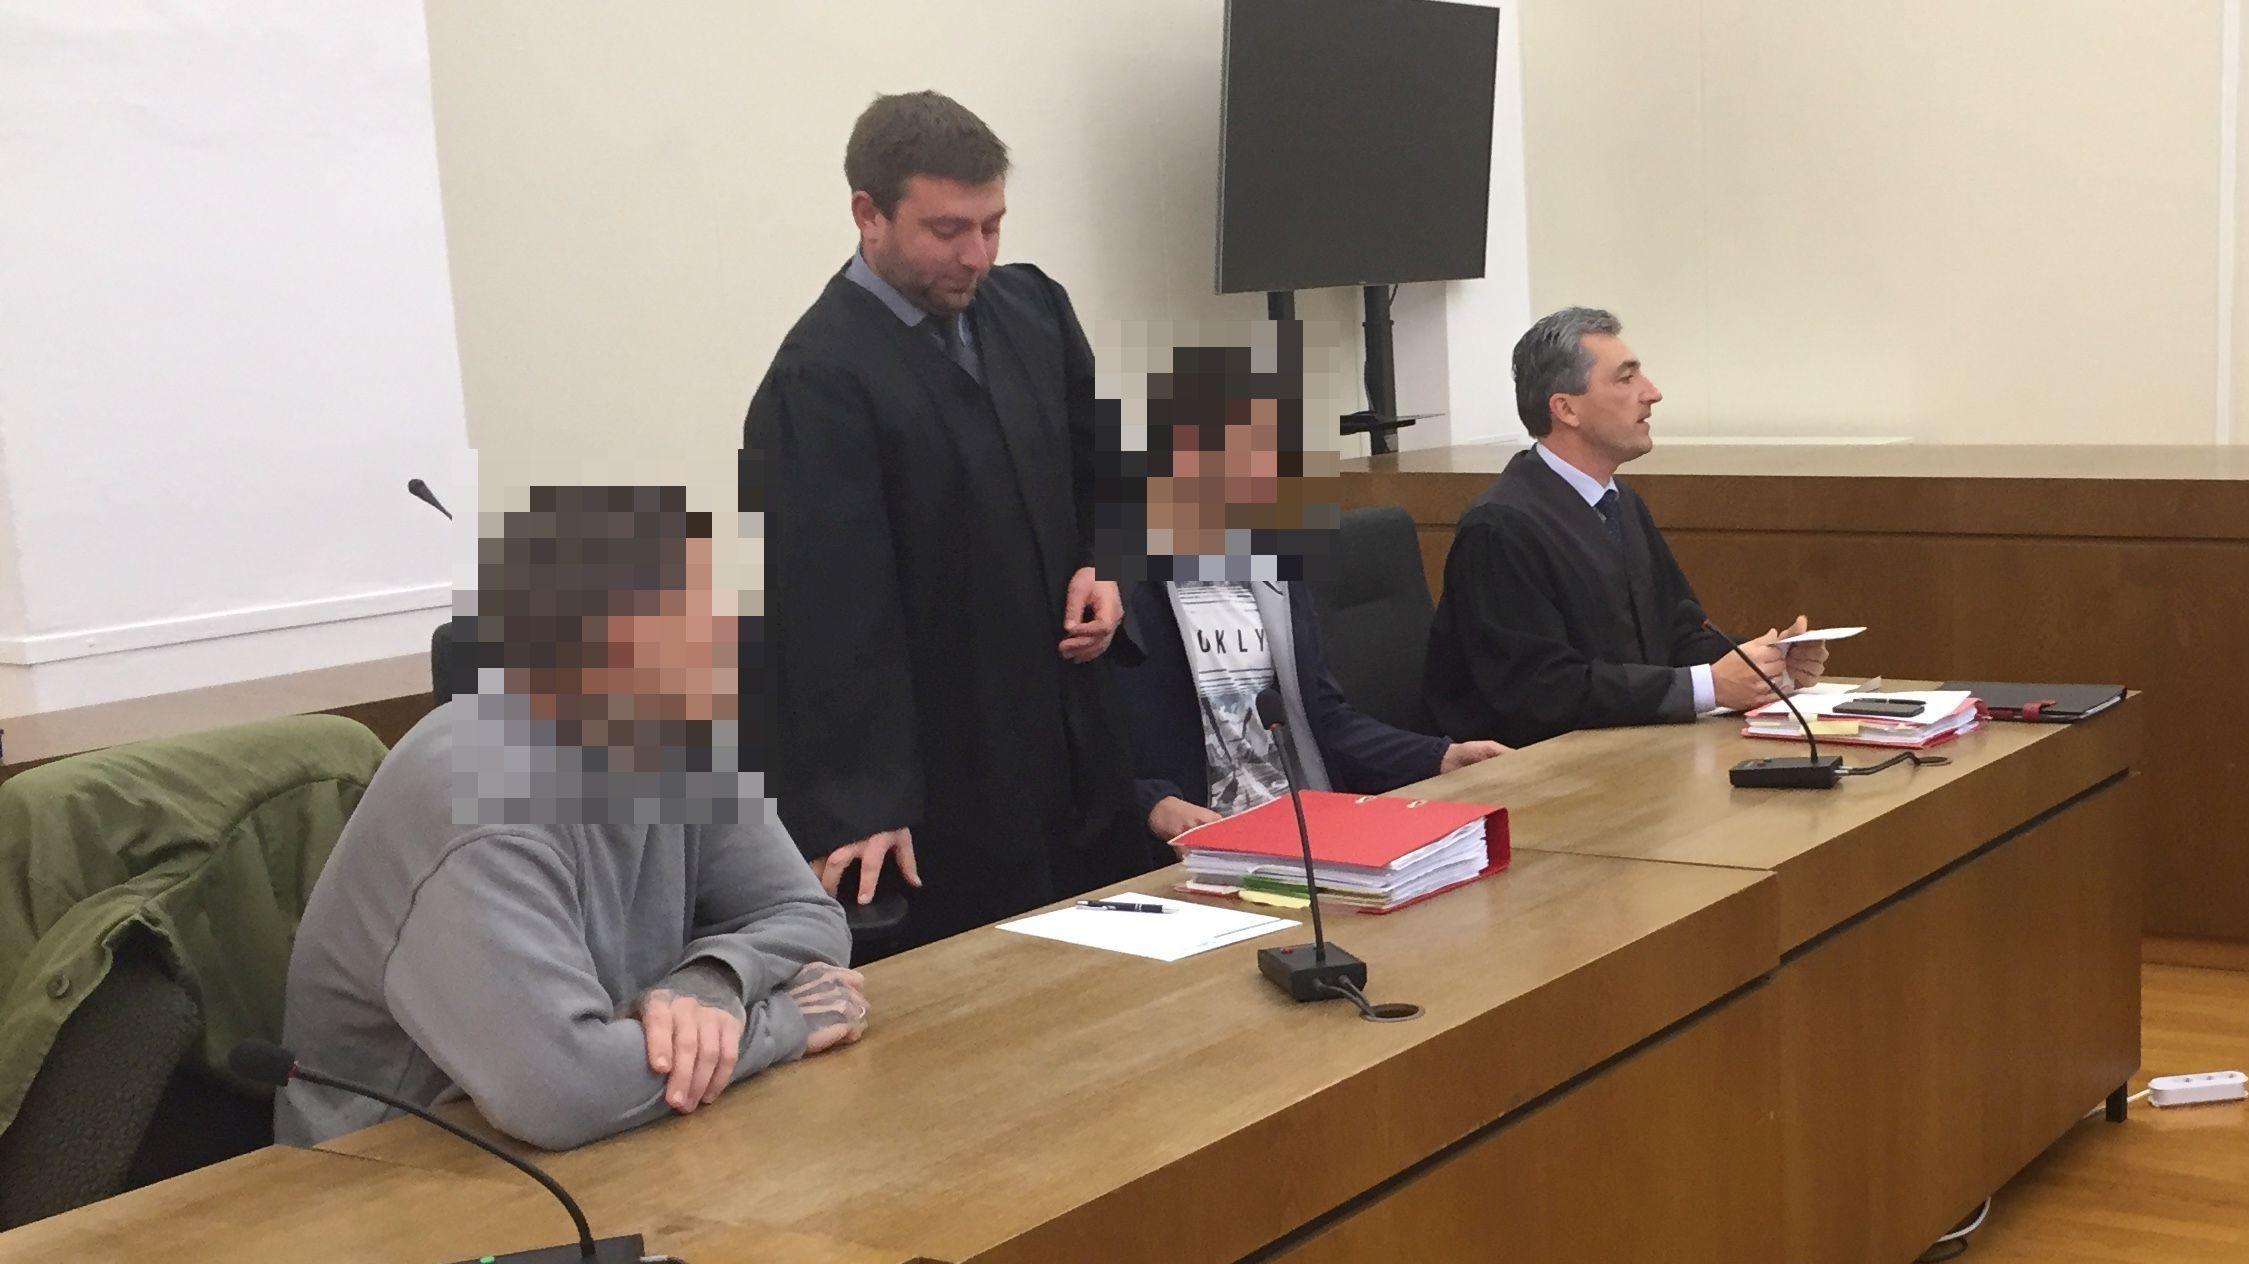 Die Angeklagten mit ihren Anwälten vor der Urteilsverkündung im Gerichtssaal in Passau